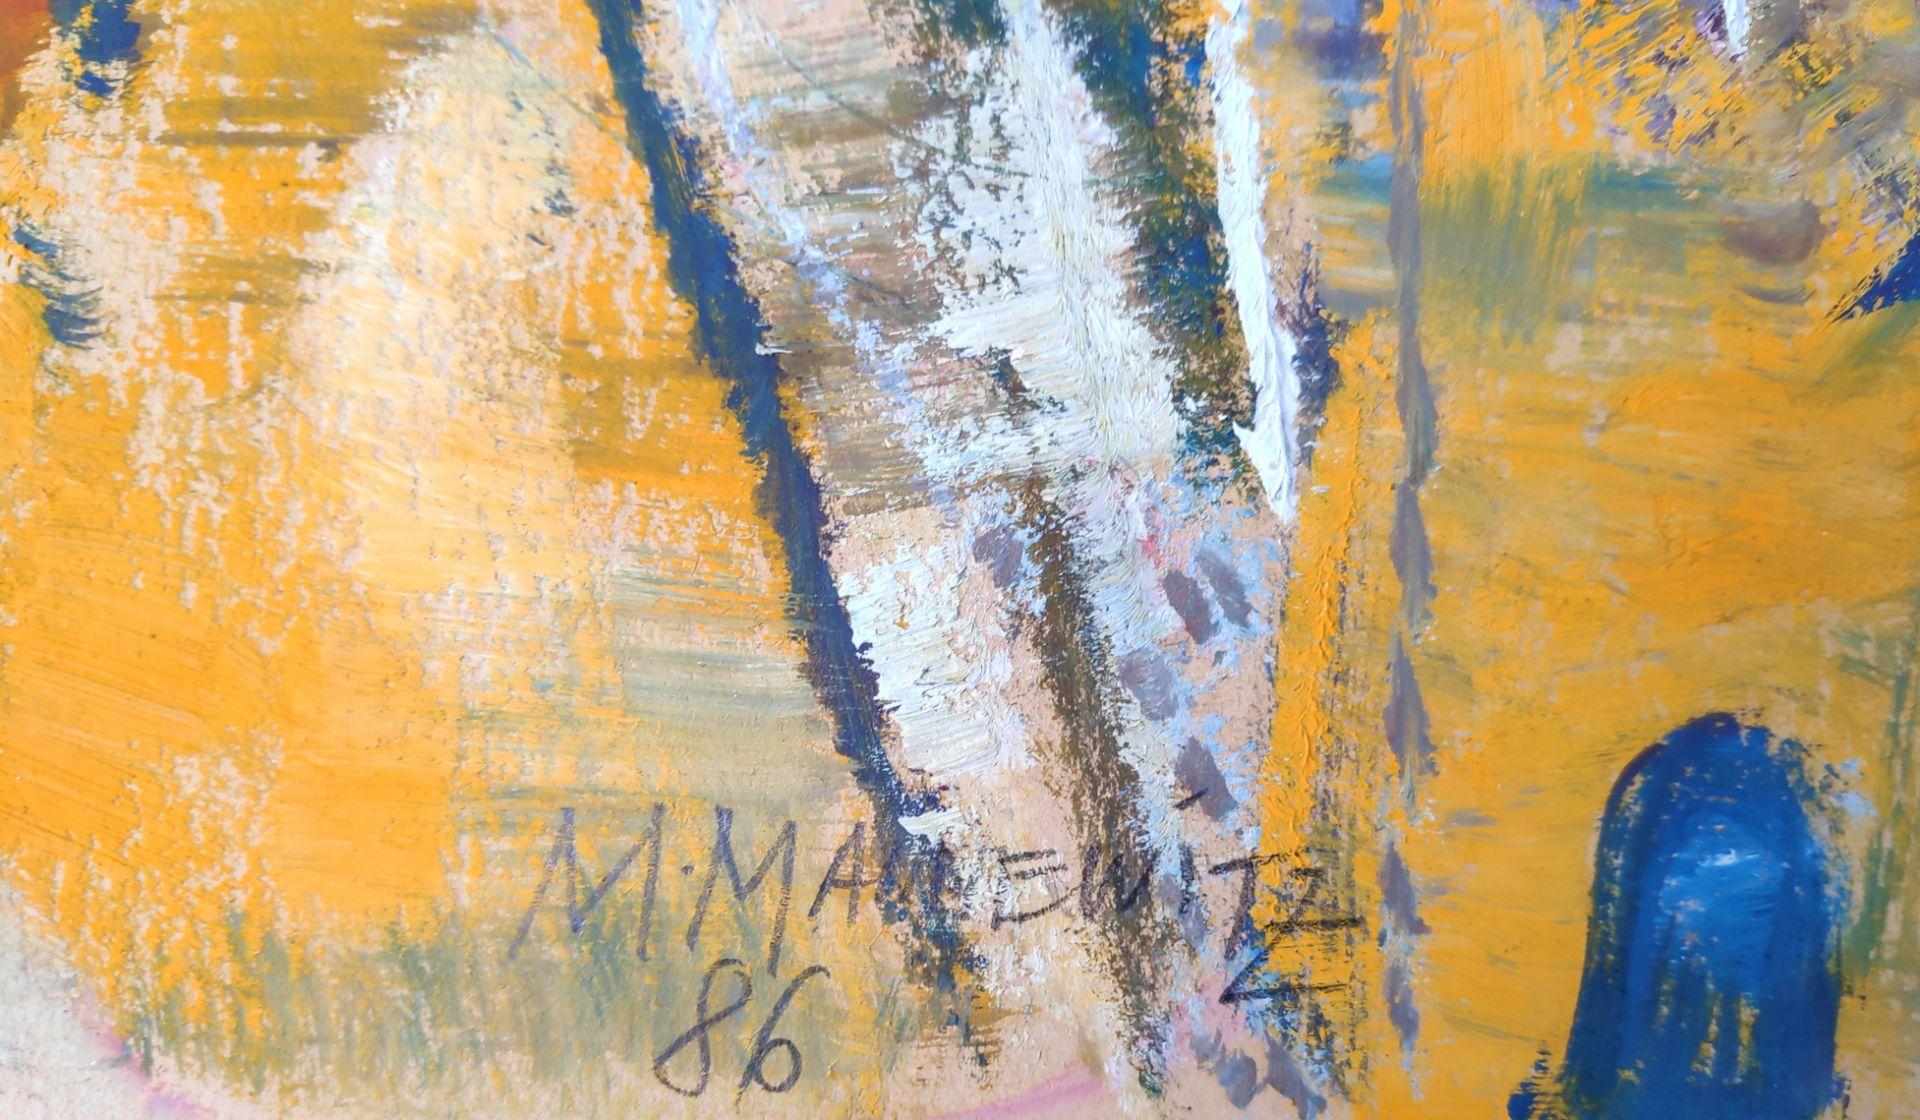 """Mannewitz, Mechthild (1926 Rostock, lebt in Rostock) """"Komposition"""" - Bild 3 aus 3"""